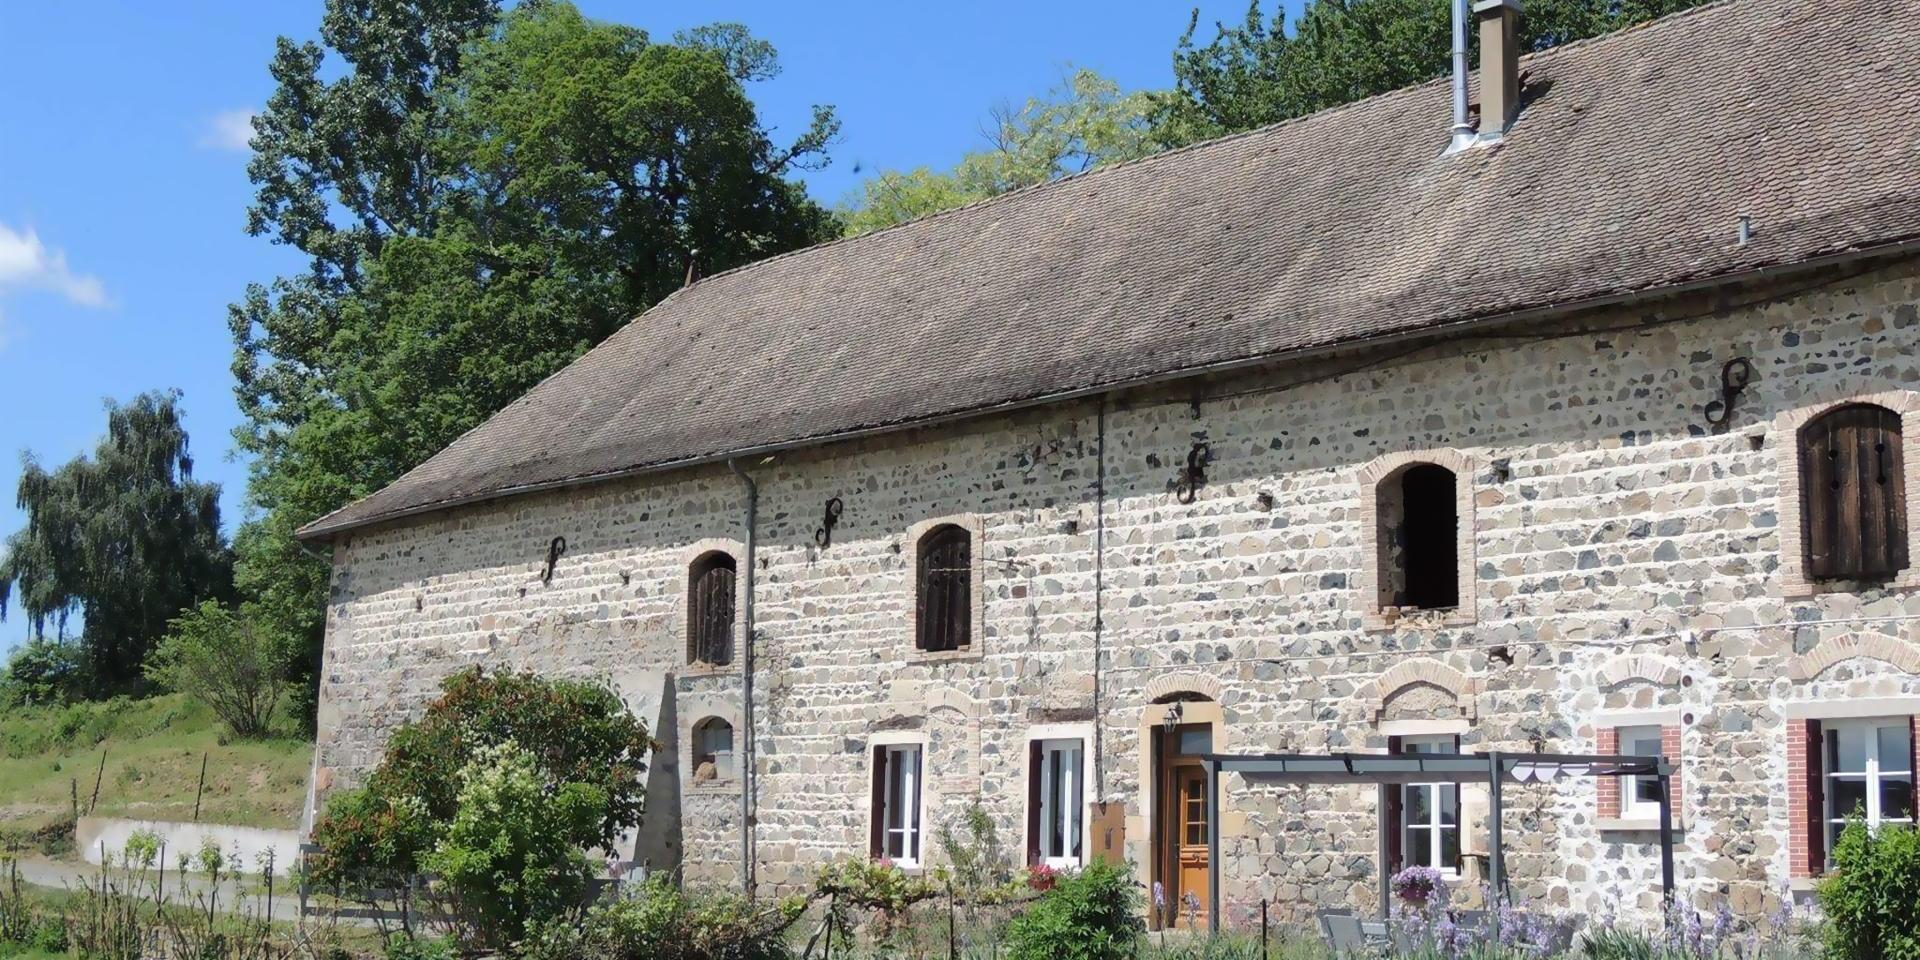 Corps de la ferme d'Amalthée en pierre de caractère dans le Beaujolais